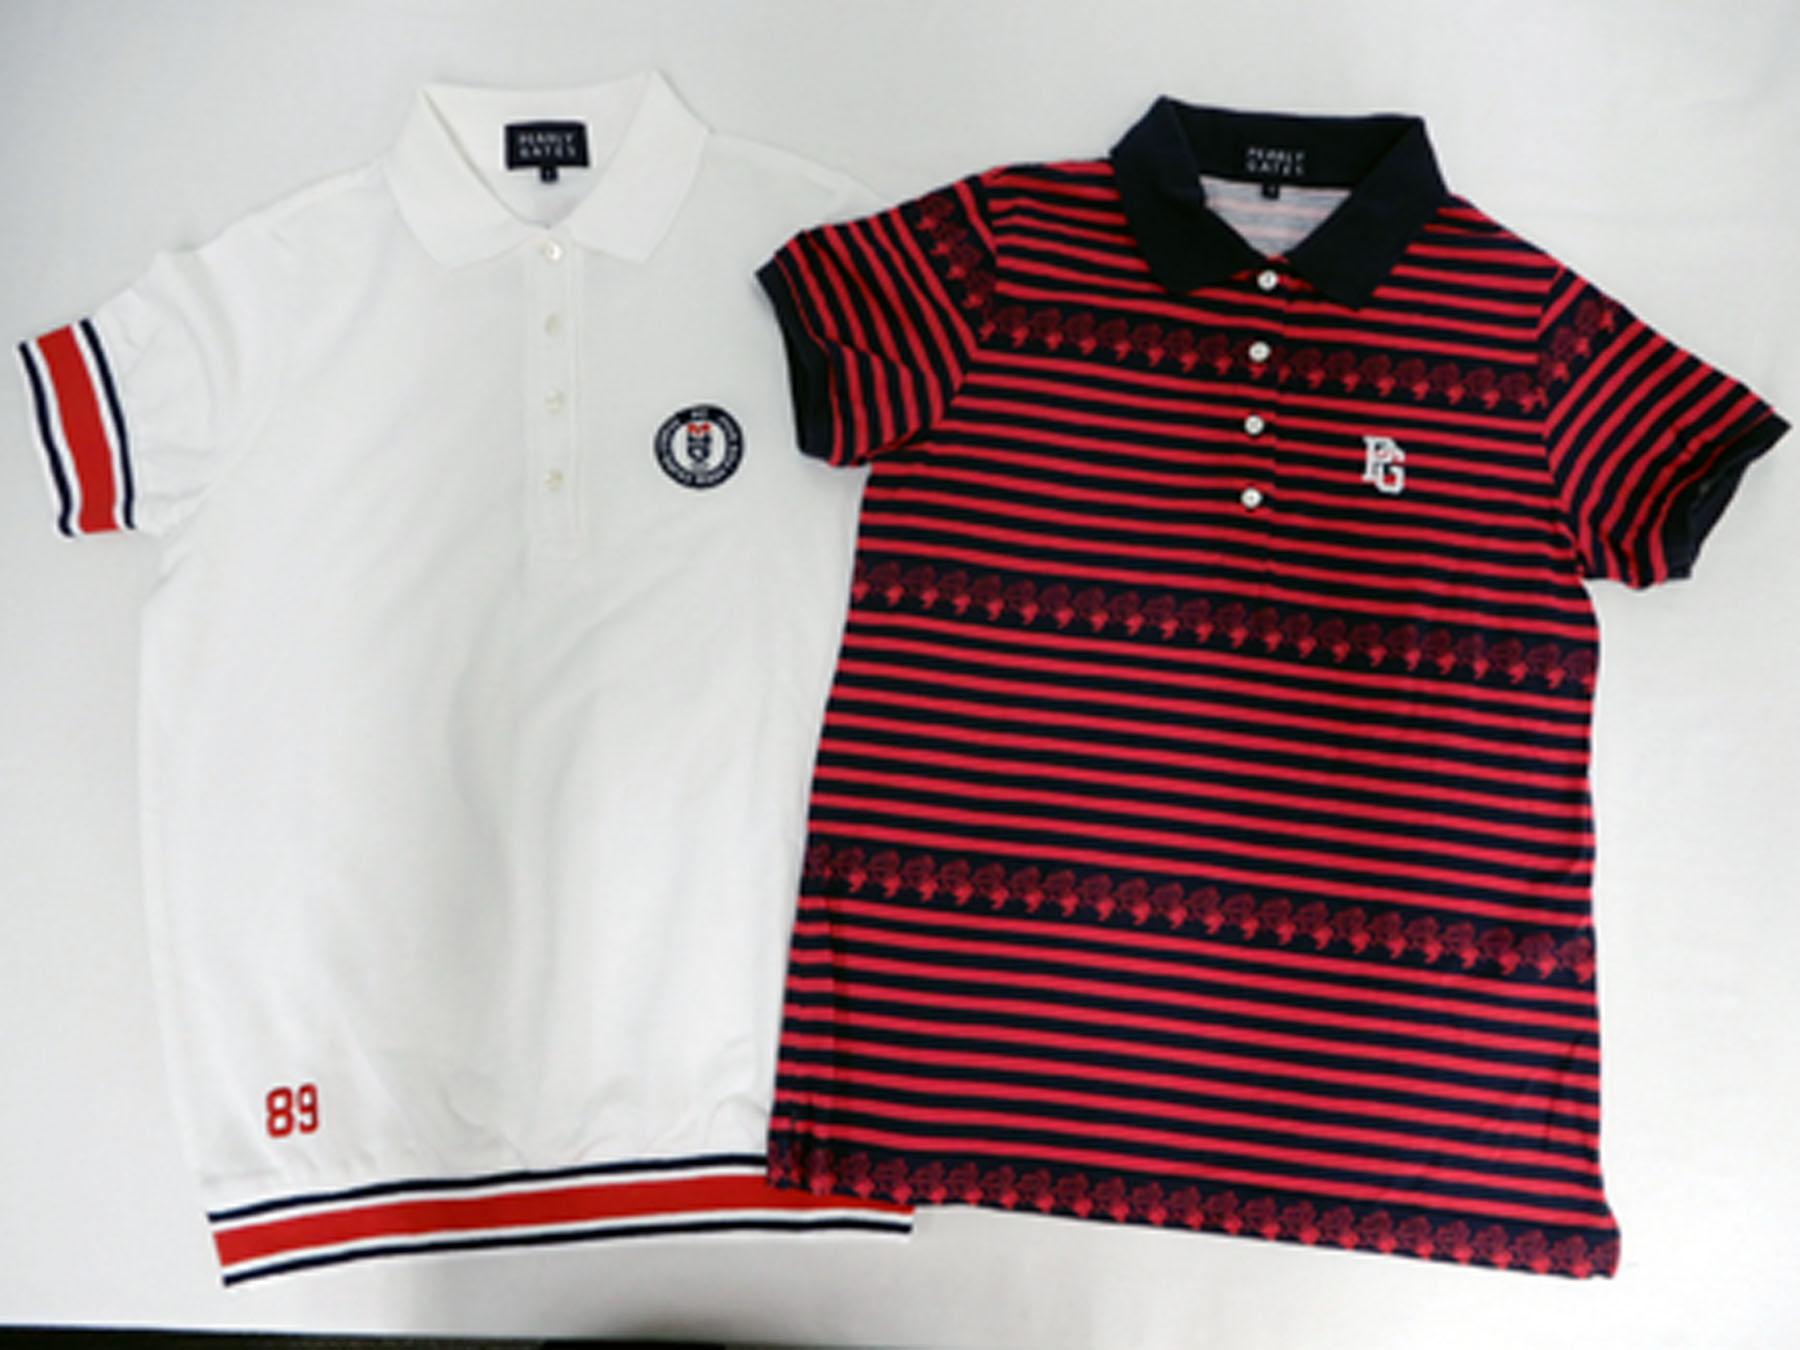 パーリーゲイツ(PEARLY GATES) のポロシャツ(白) 、ポロシャツ(赤系ボーダー)です。 こちらのポロシャツは、2017年モデルでした。